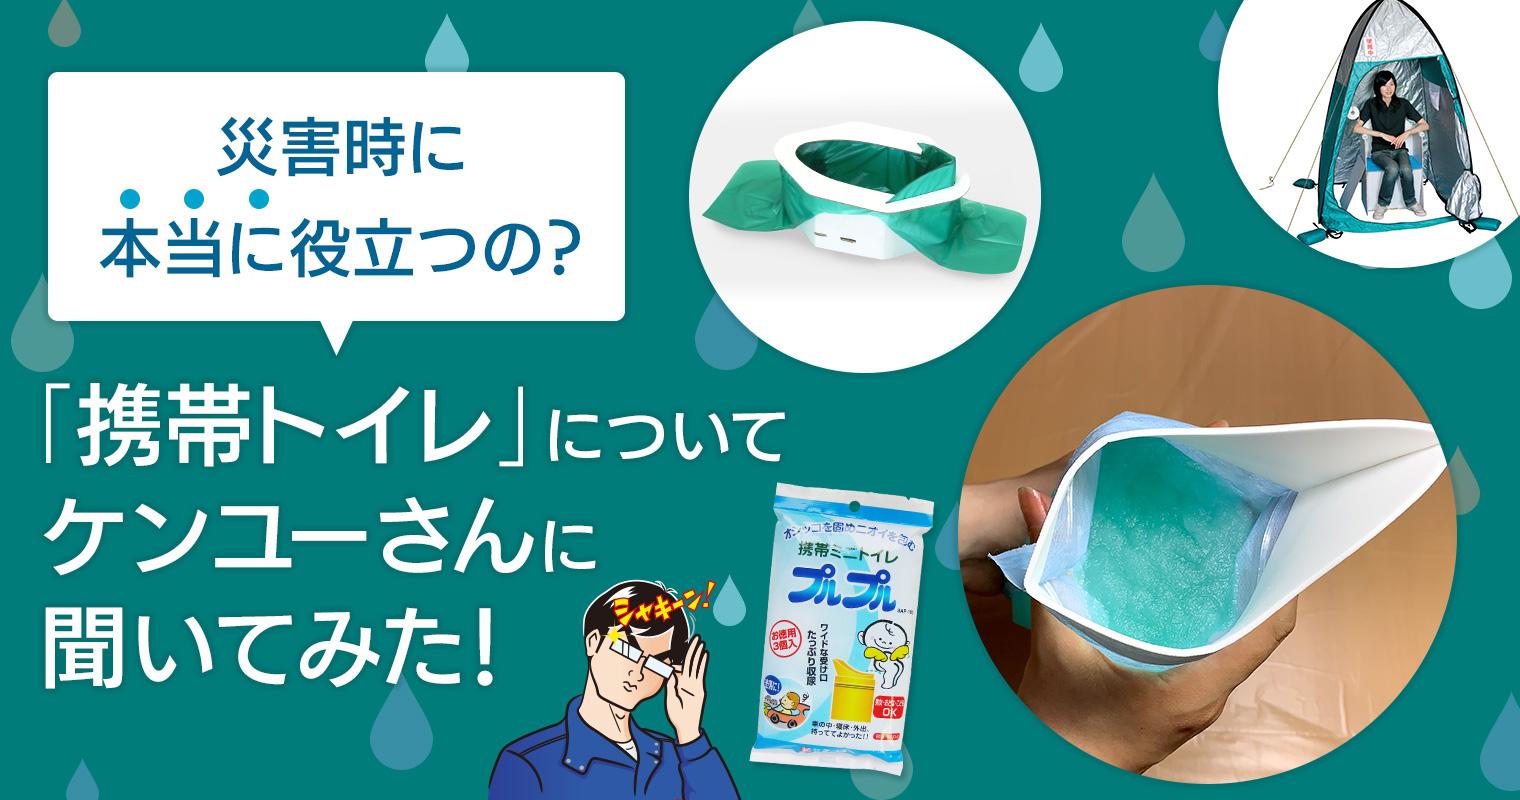 災害時に本当に役立つの?「携帯トイレ」についてケンユーさんに聞いてみた!